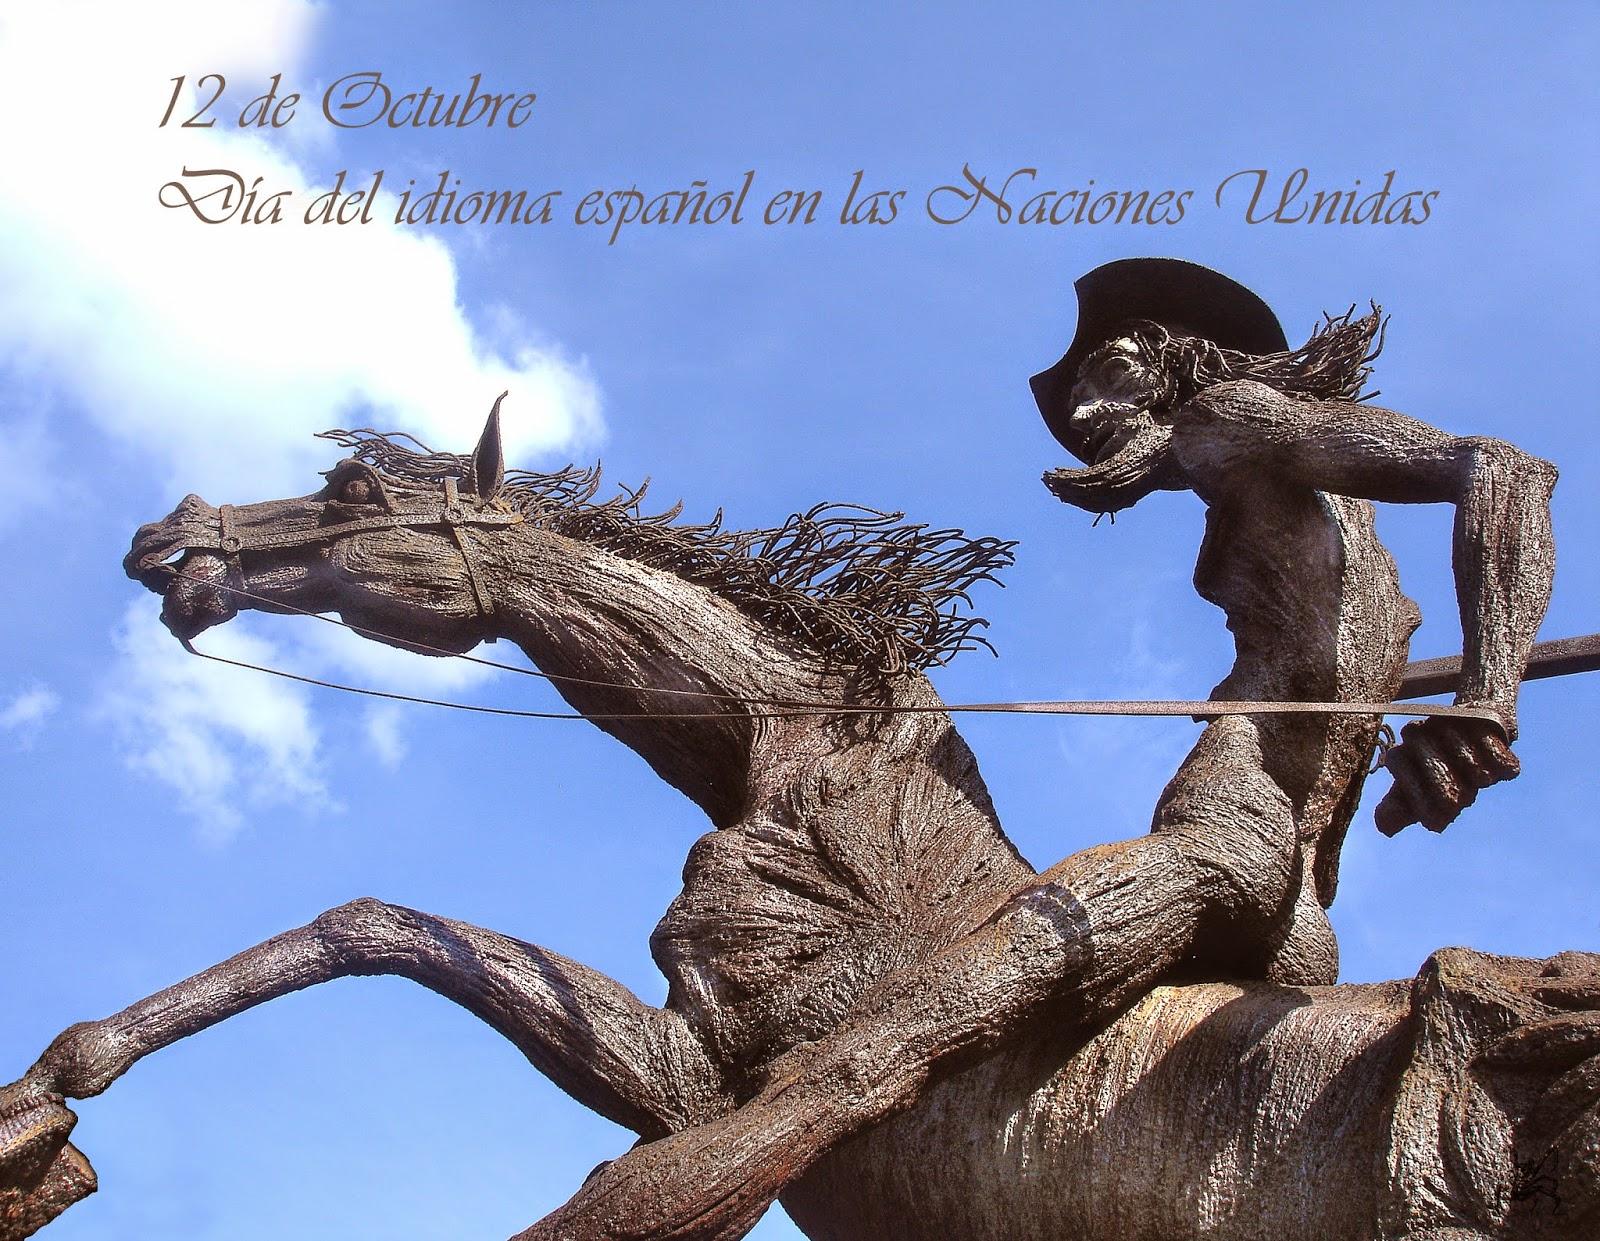 El doce de octubre se celebra el día del idioma español en las naciones unidas.